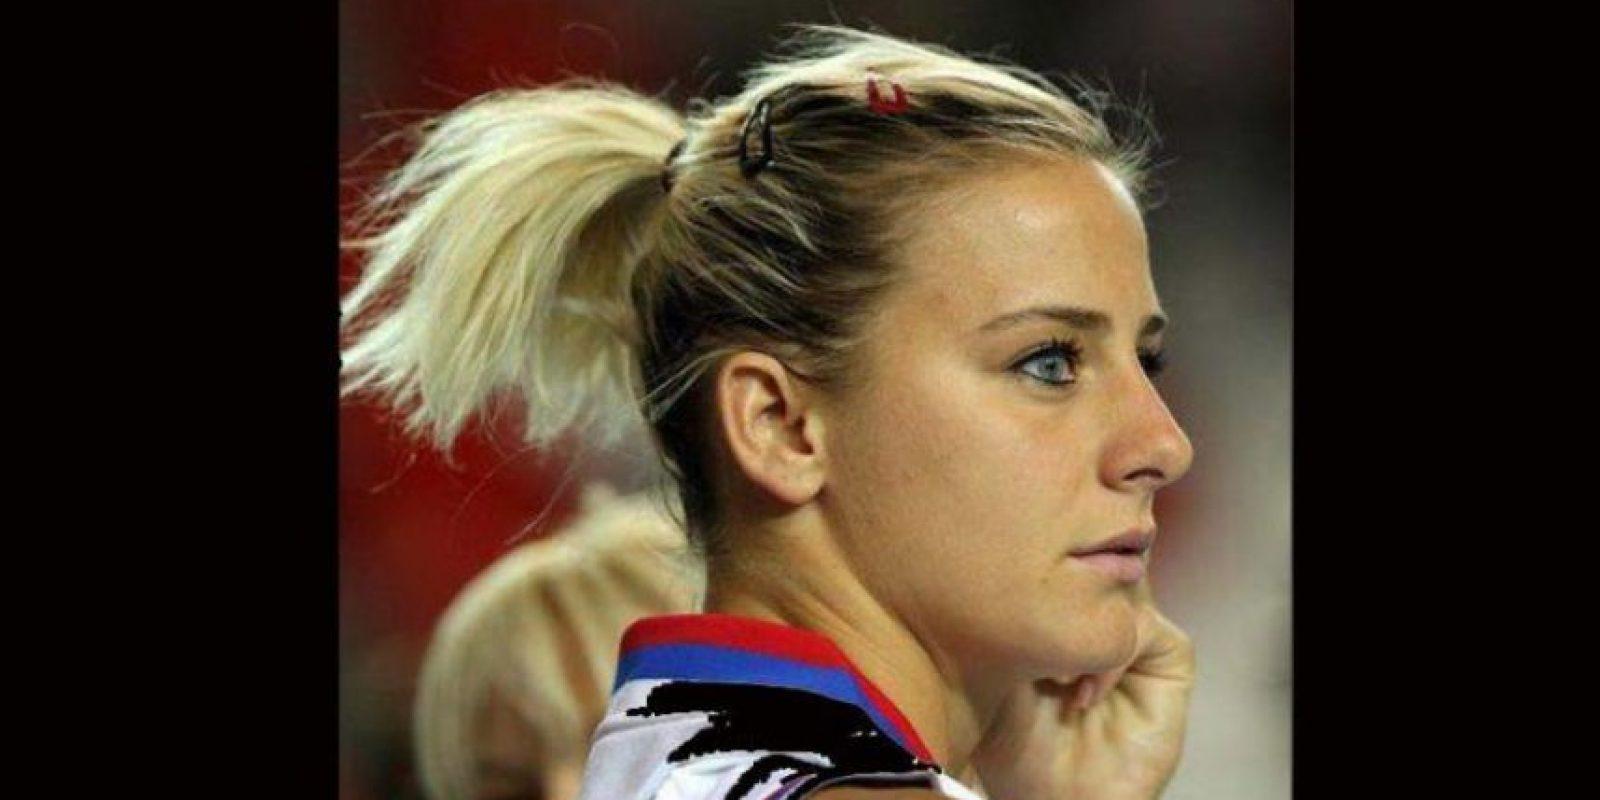 La serbia de 32 años engalana las duelas del Mundial con su belleza Foto:Twitter: @MILICADABOVIC13